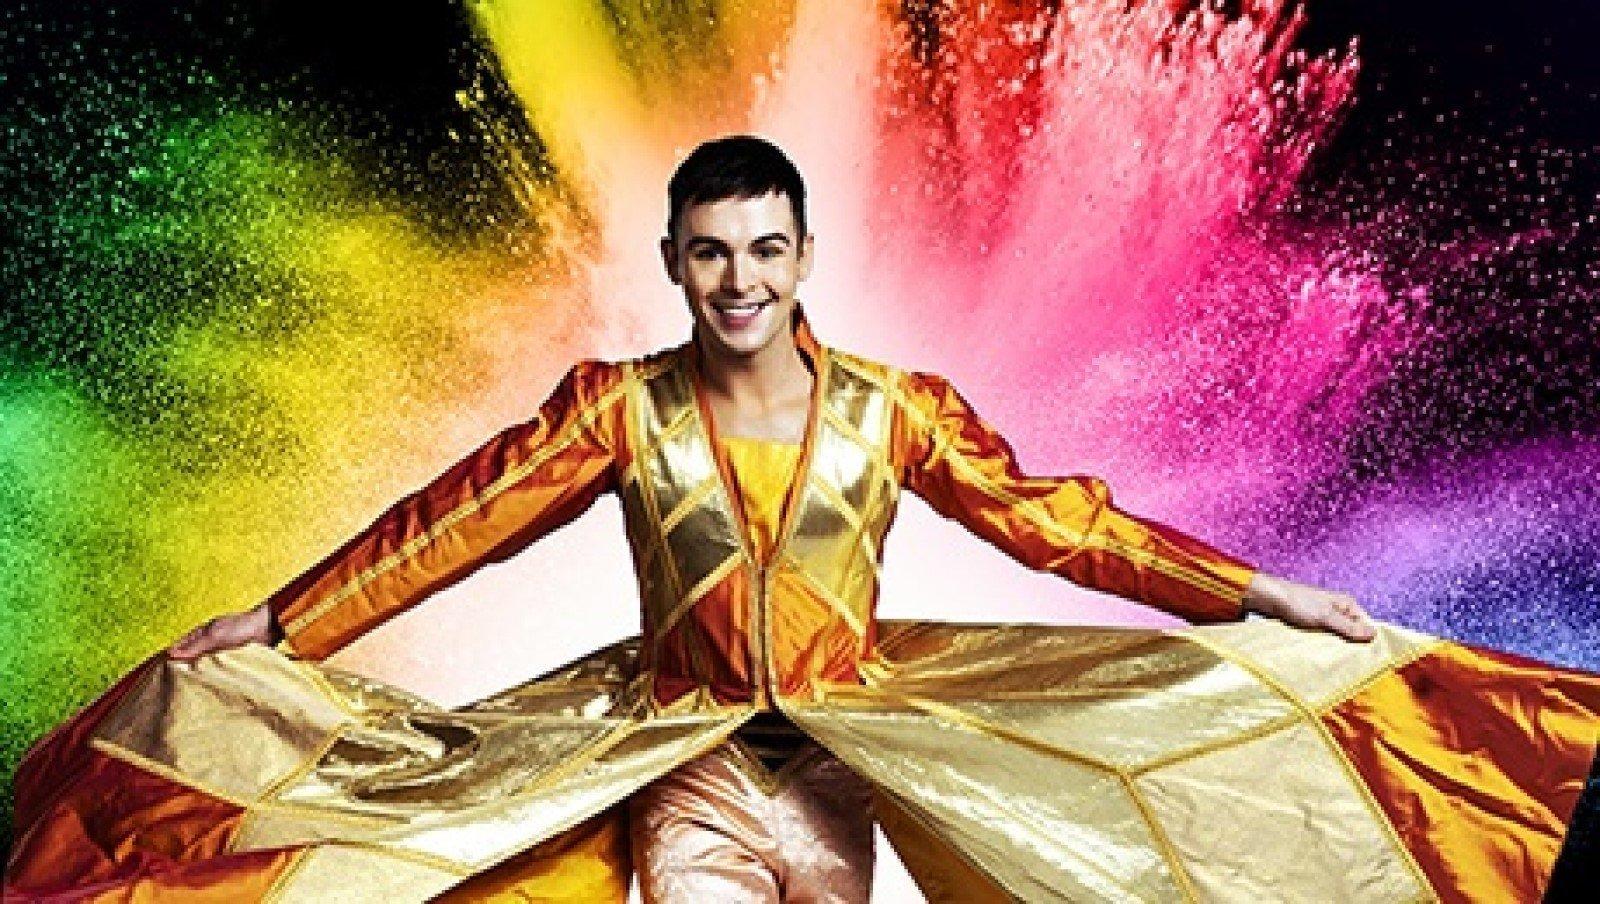 7bdd823df8167 Joseph and the Amazing Technicolor Dreamcoat - The Oxford Magazine